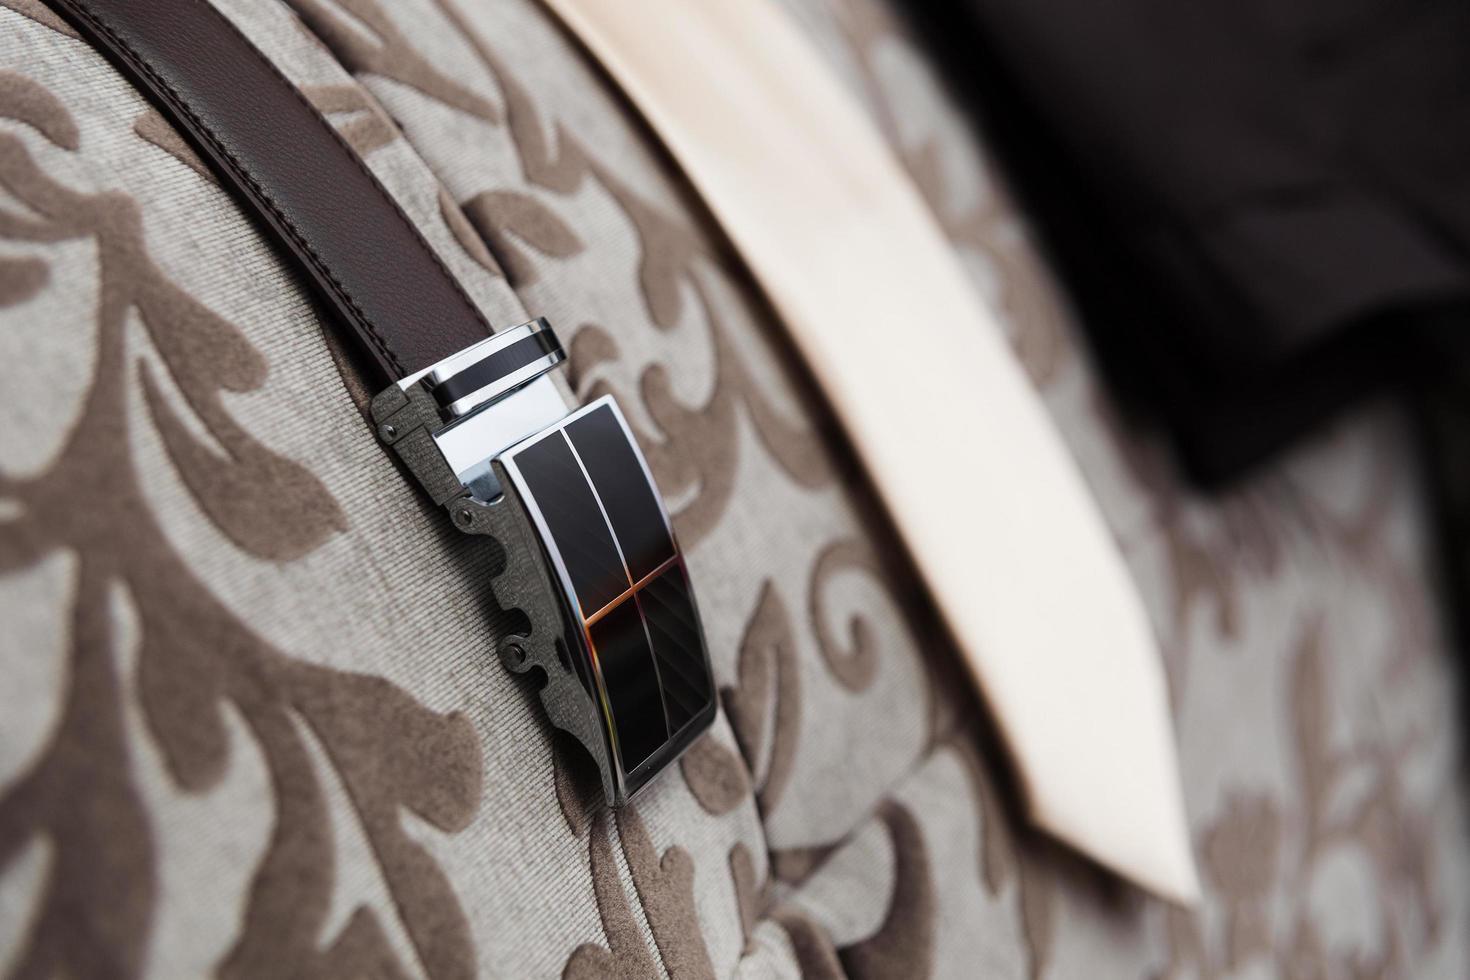 vêtements et accessoires pour hommes sur une chaise prête à l'emploi photo